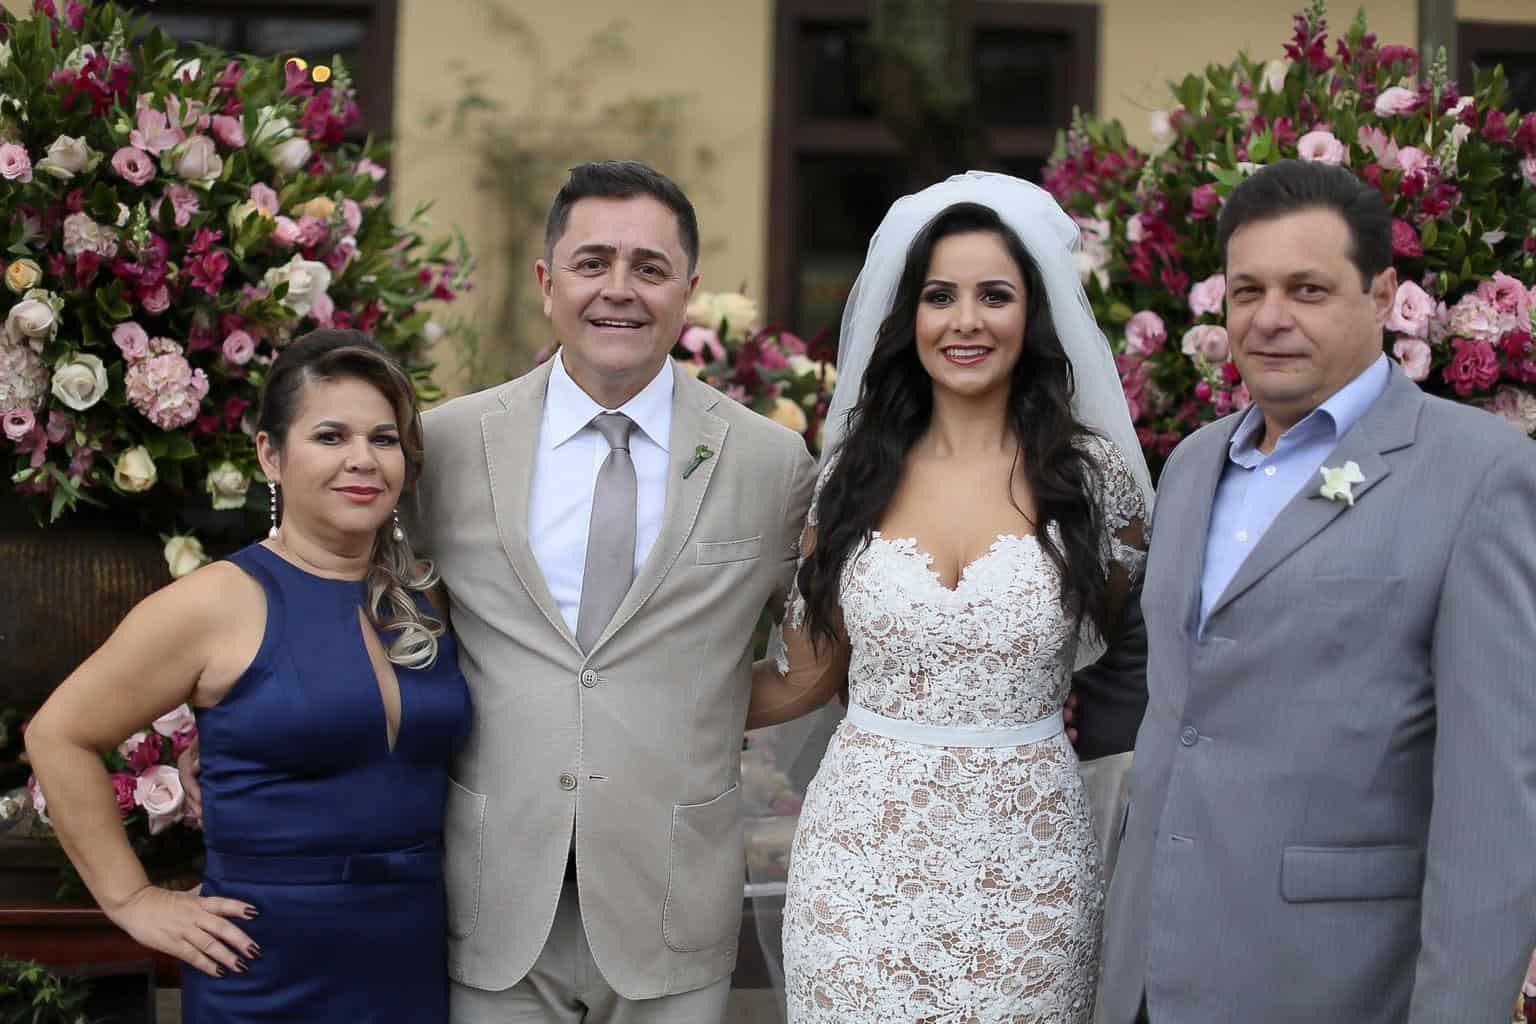 casamento-ariane-e-antonio-carlos-caseme-foto-silvia-penati-48